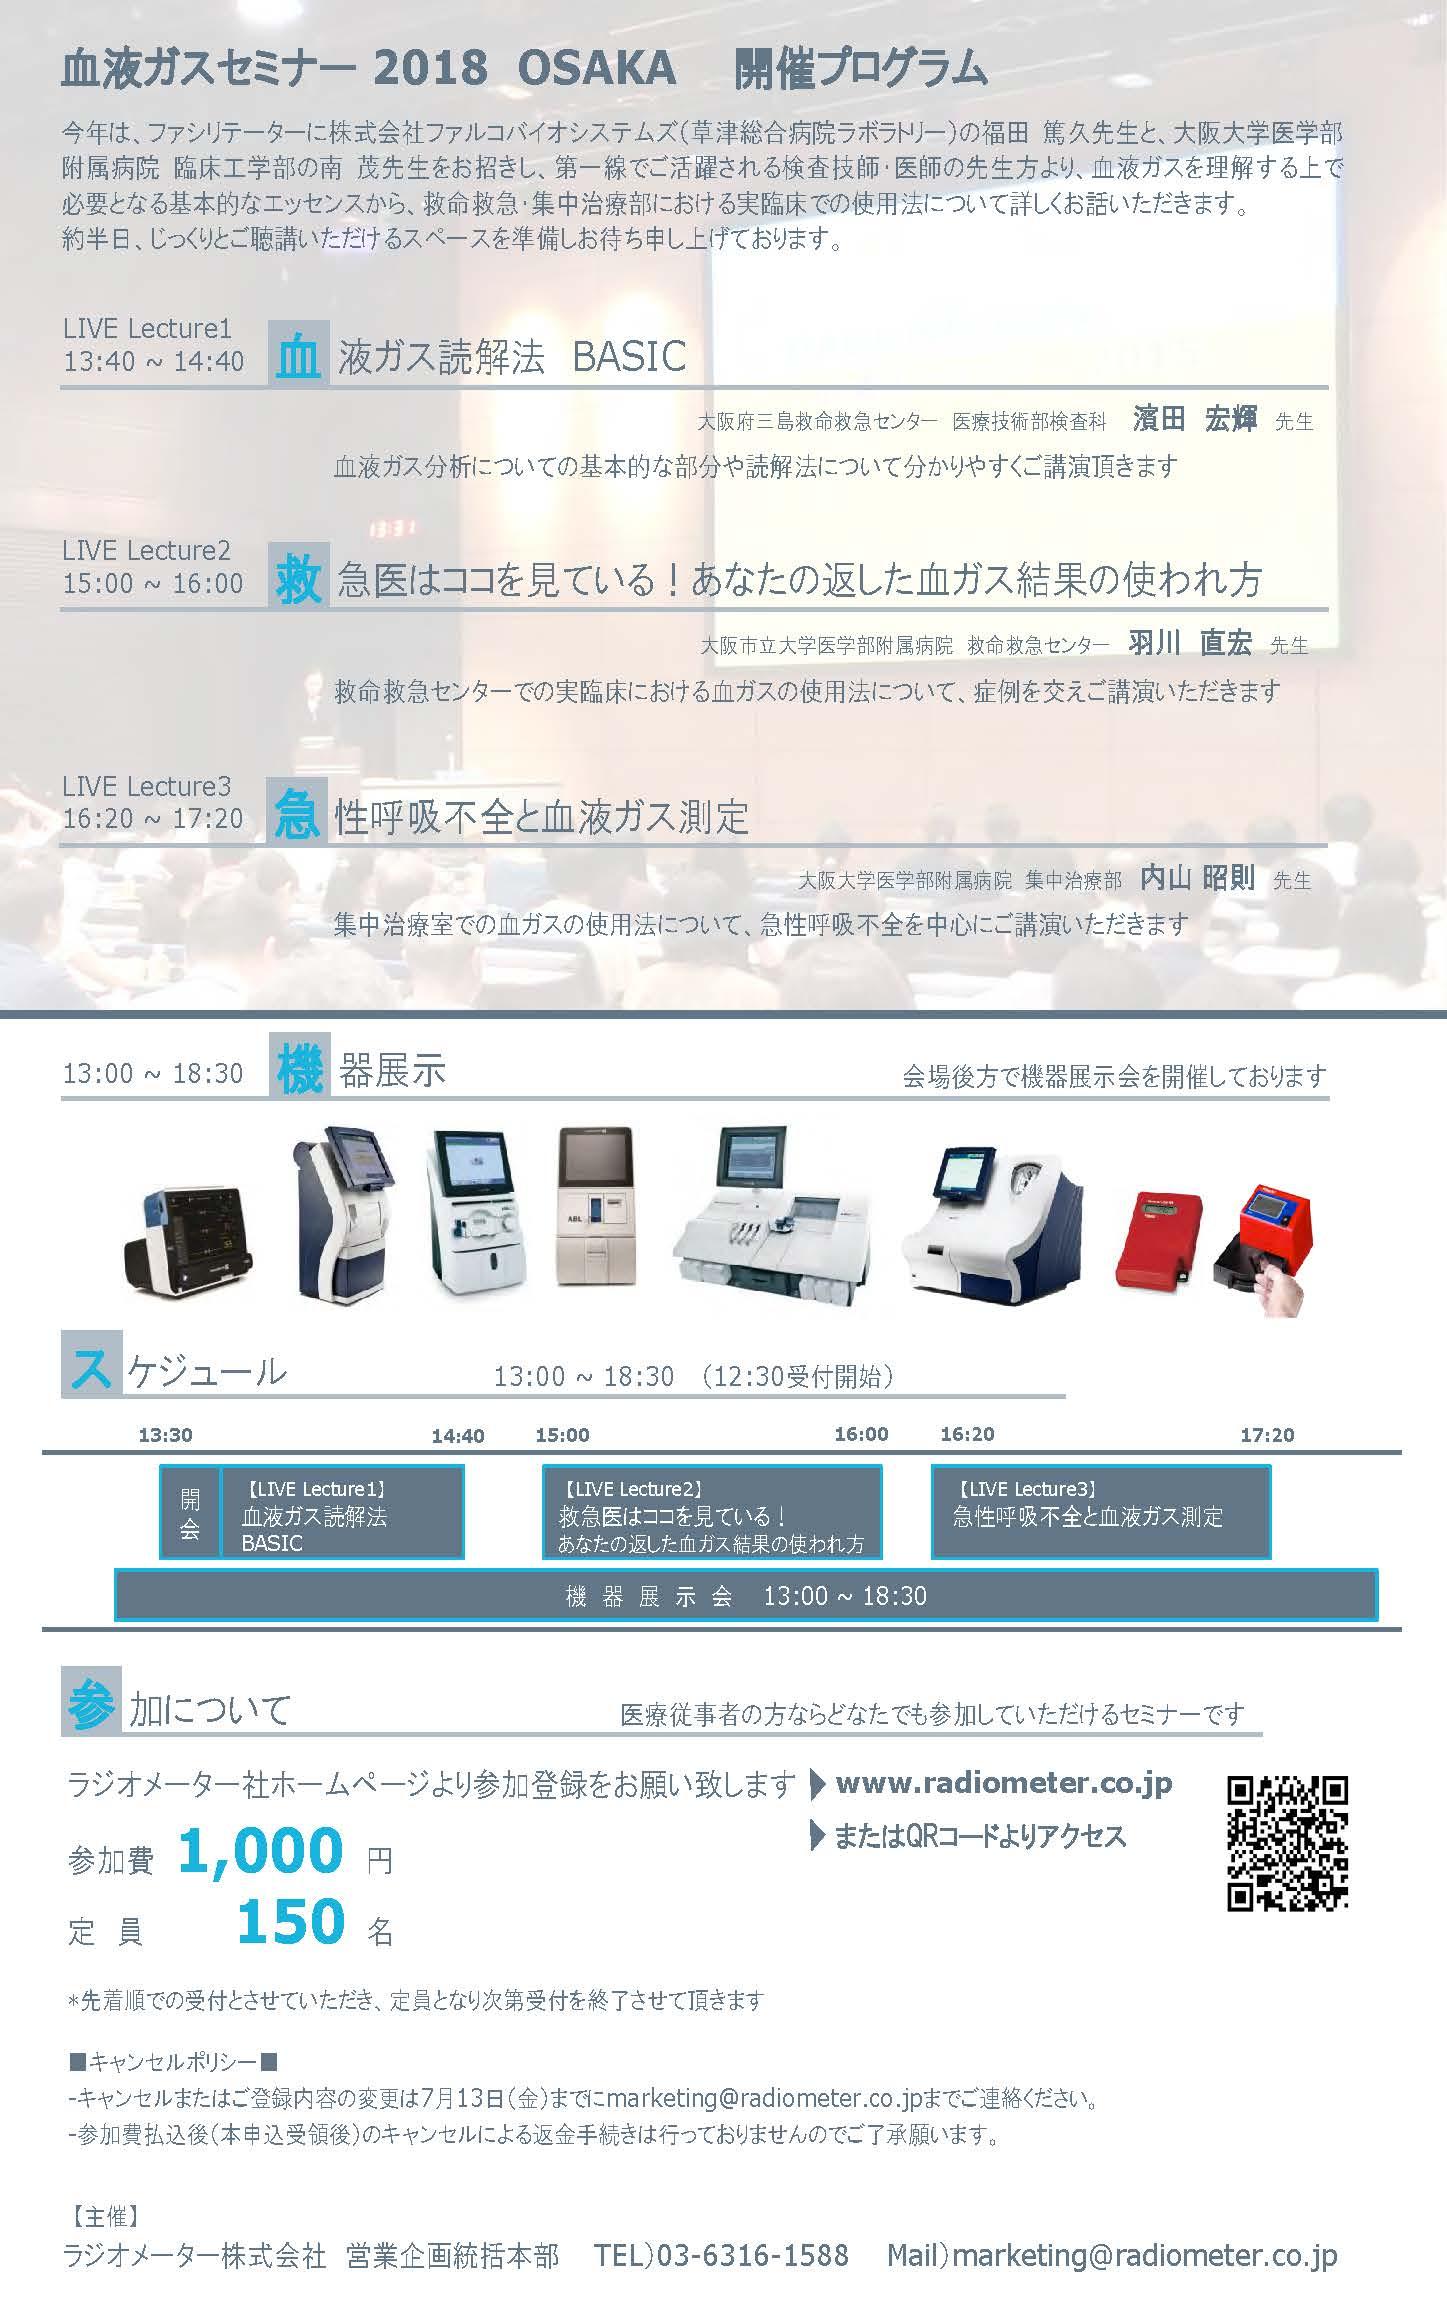 ビット コイン セミナー 大阪 2018